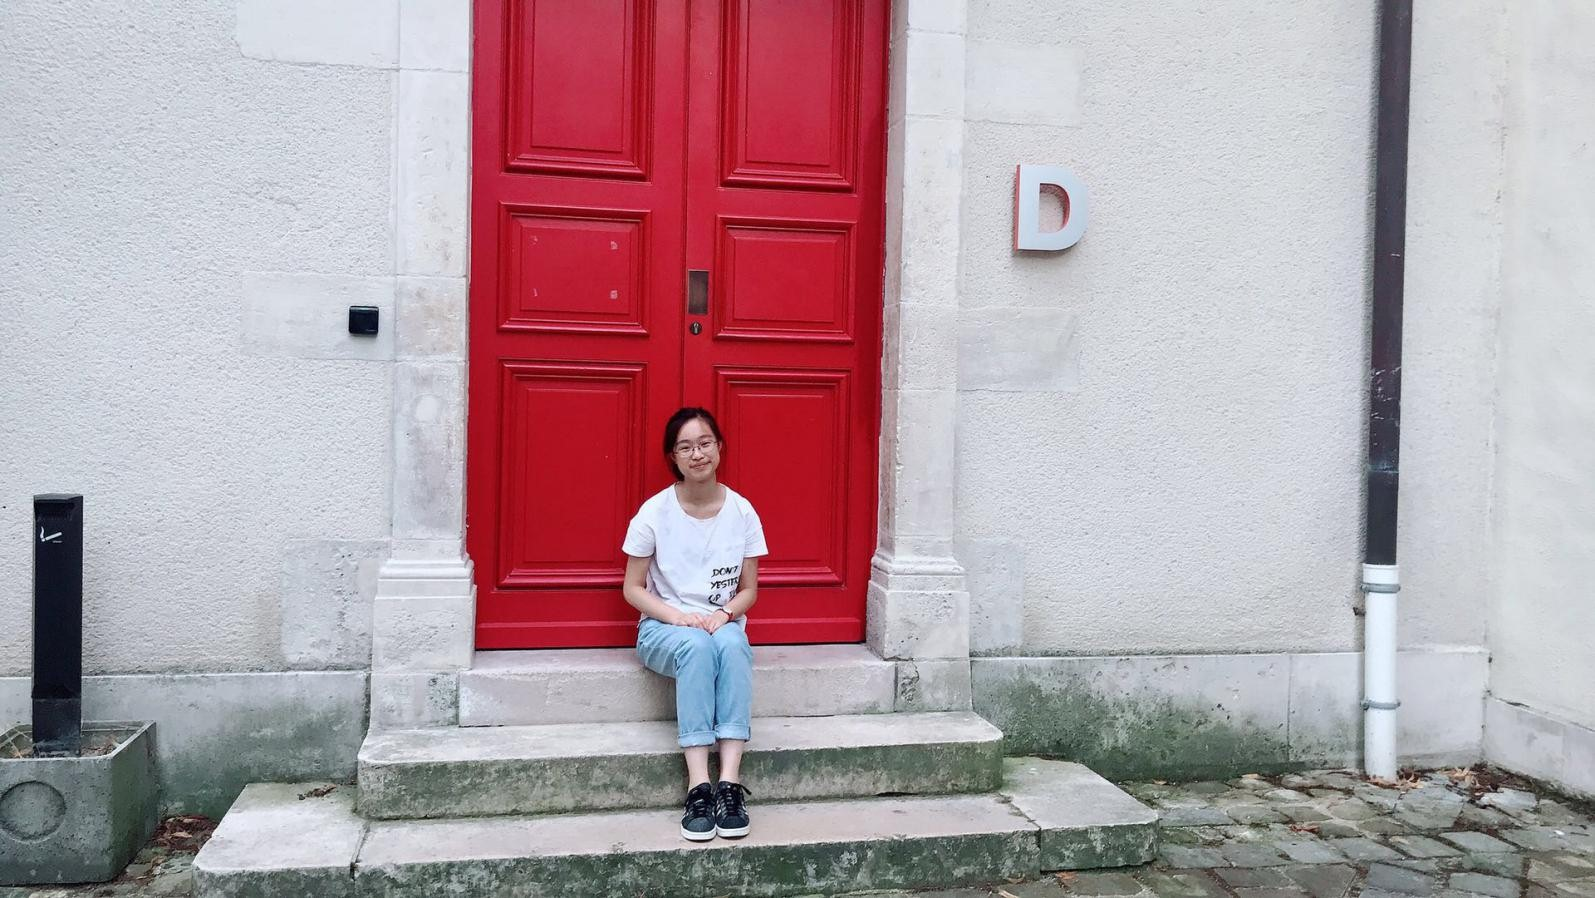 热烈祝贺我校高三英法双语学子贺虹璇被巴黎政治学院录取